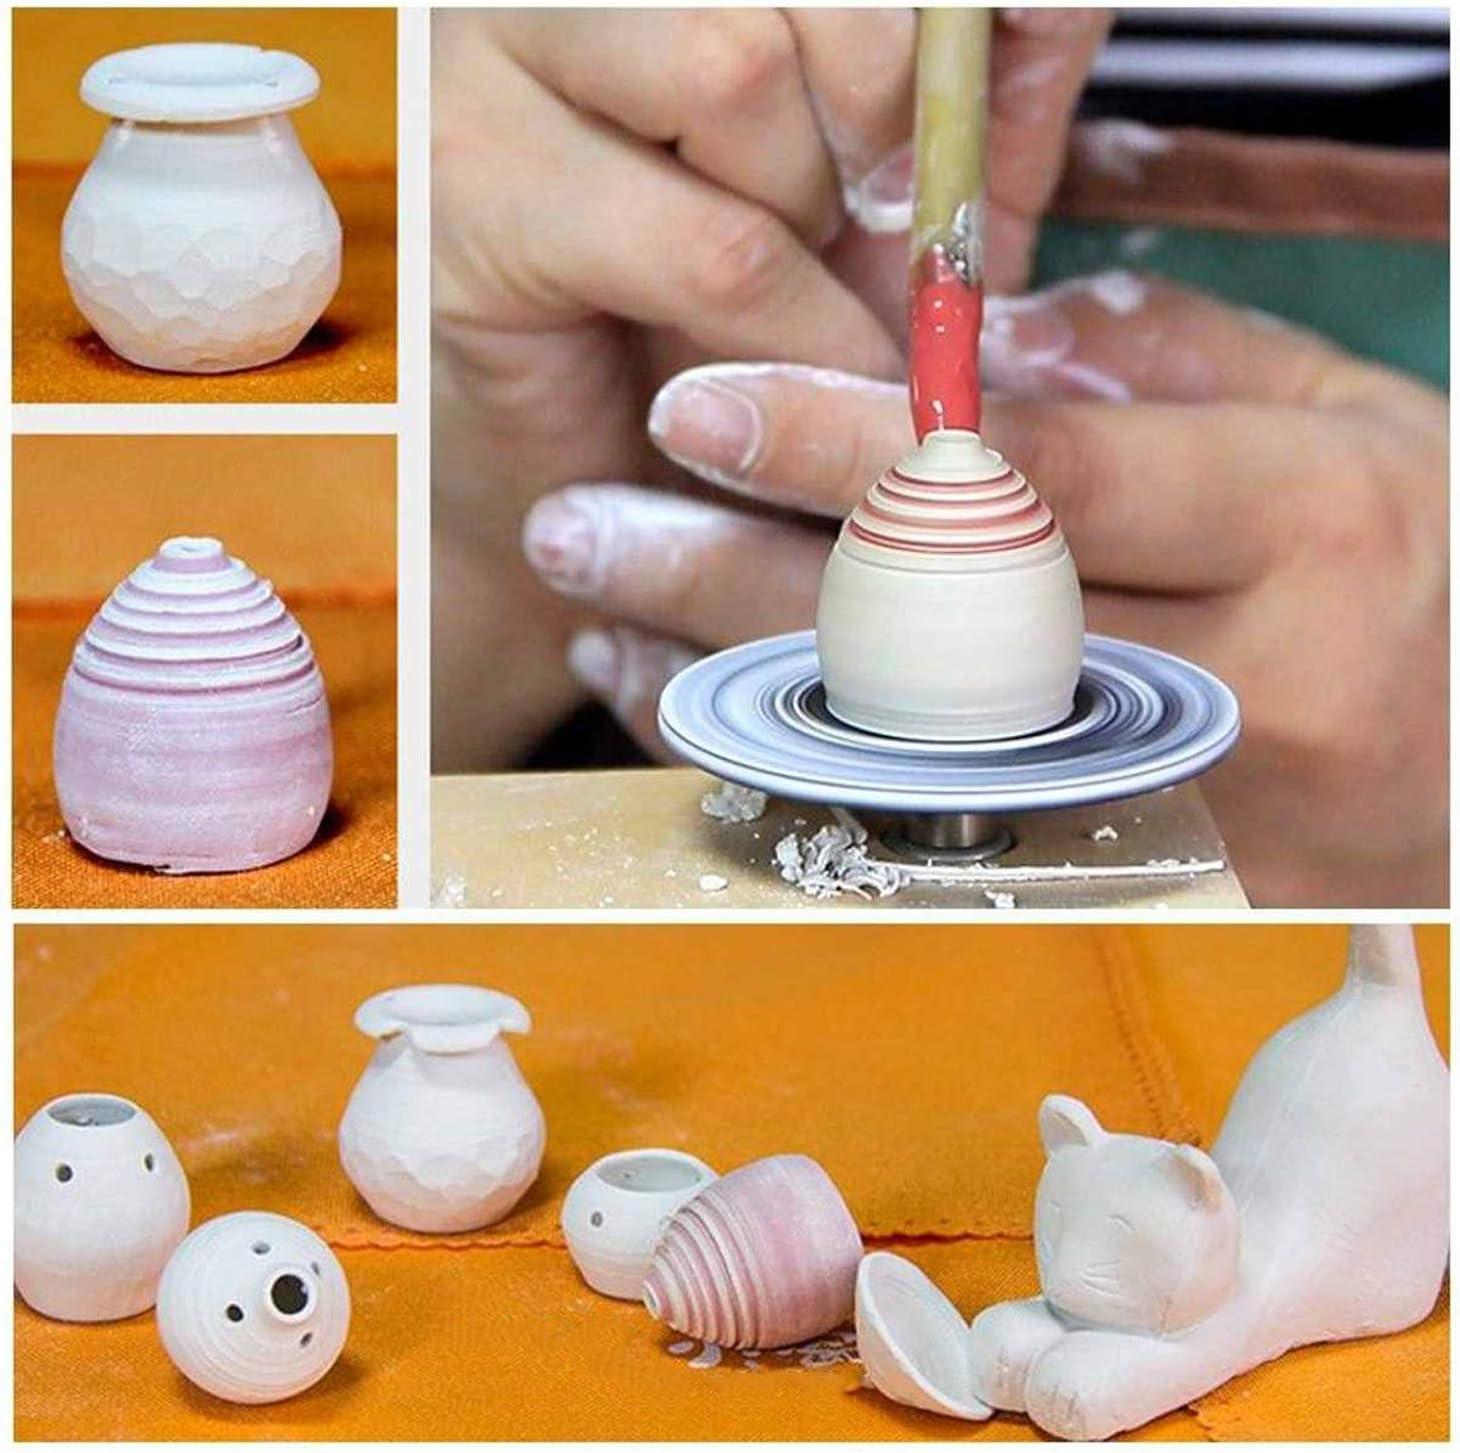 Zitainn Ceramic Machine,Mini USB Pottery Wheel Machine 4.5cm Turntable Handmade Clay Throwing Making Ceramic Machine for Ceramics Clay Art Craft DIY Clay